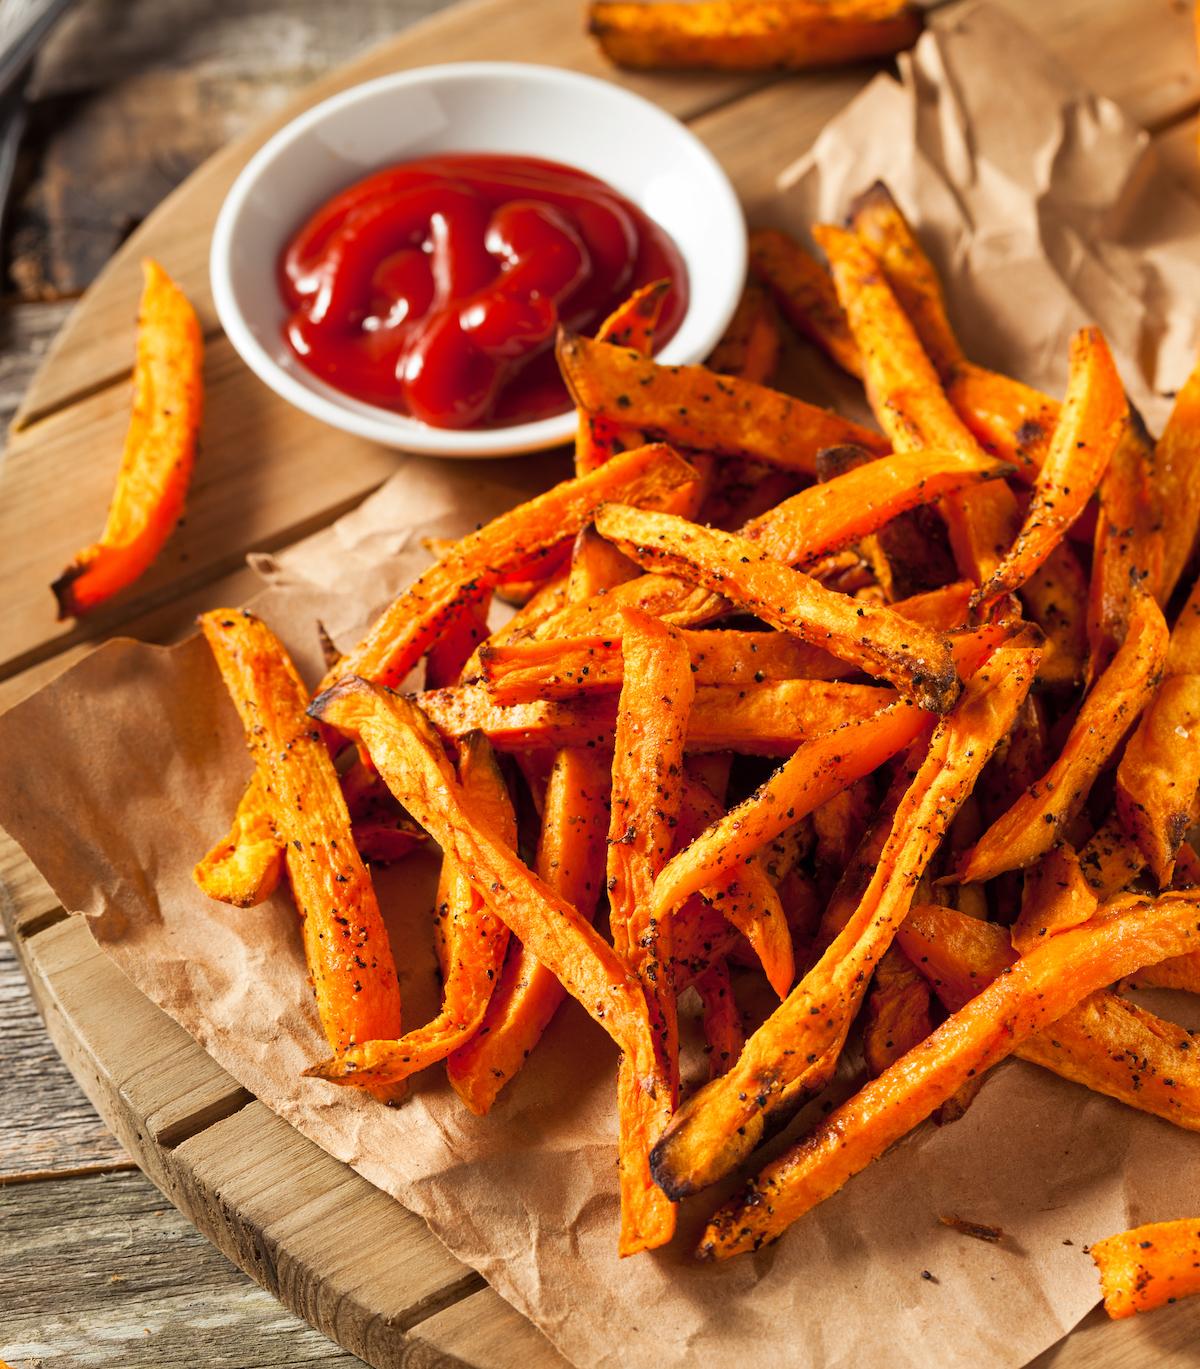 Frites de patates douces au four ©De Brent Hofacker shutterstock